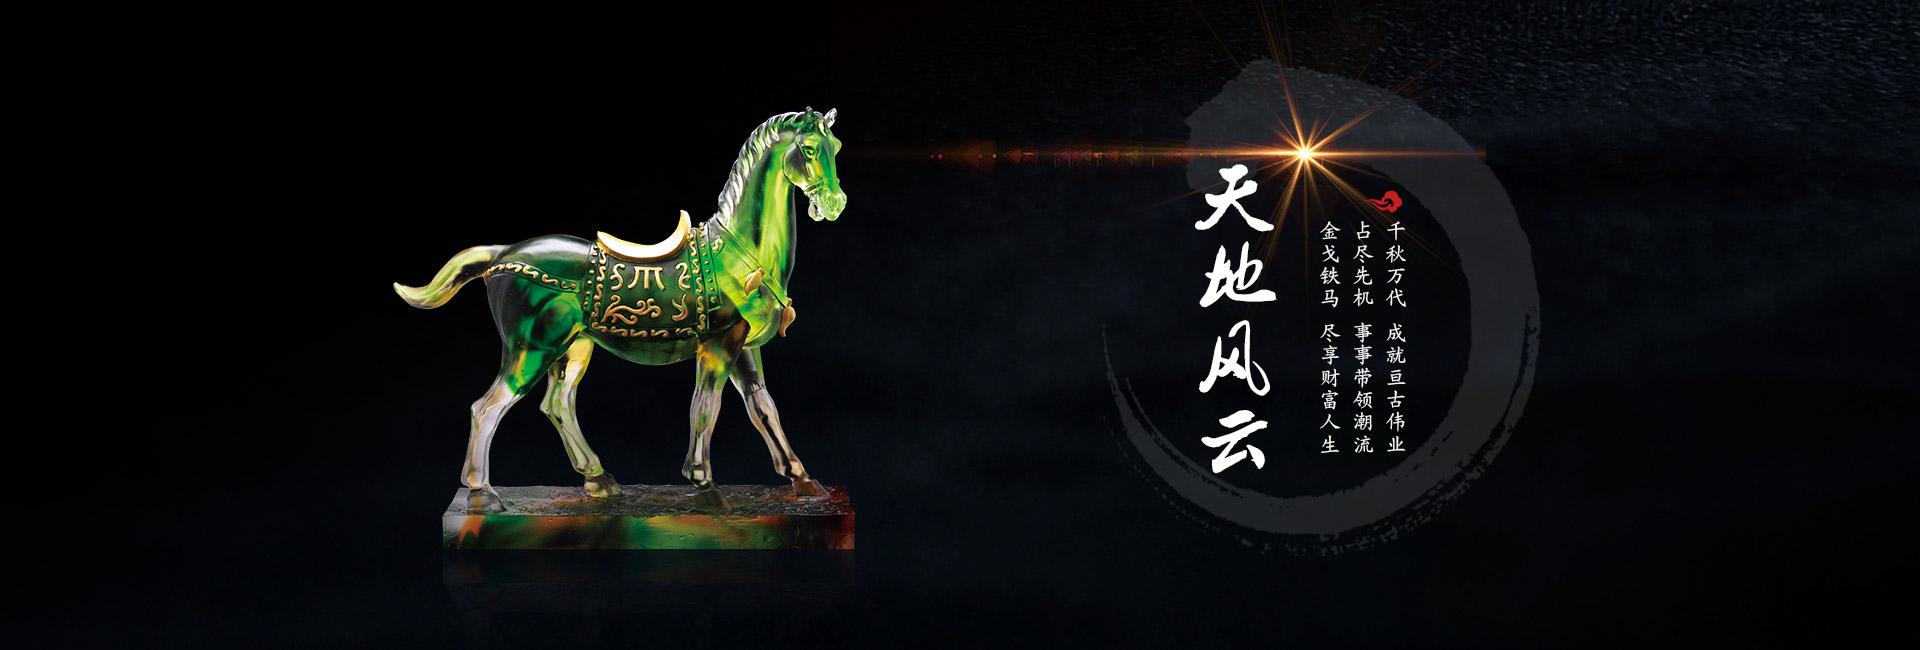 上海弘业工艺品有限公司